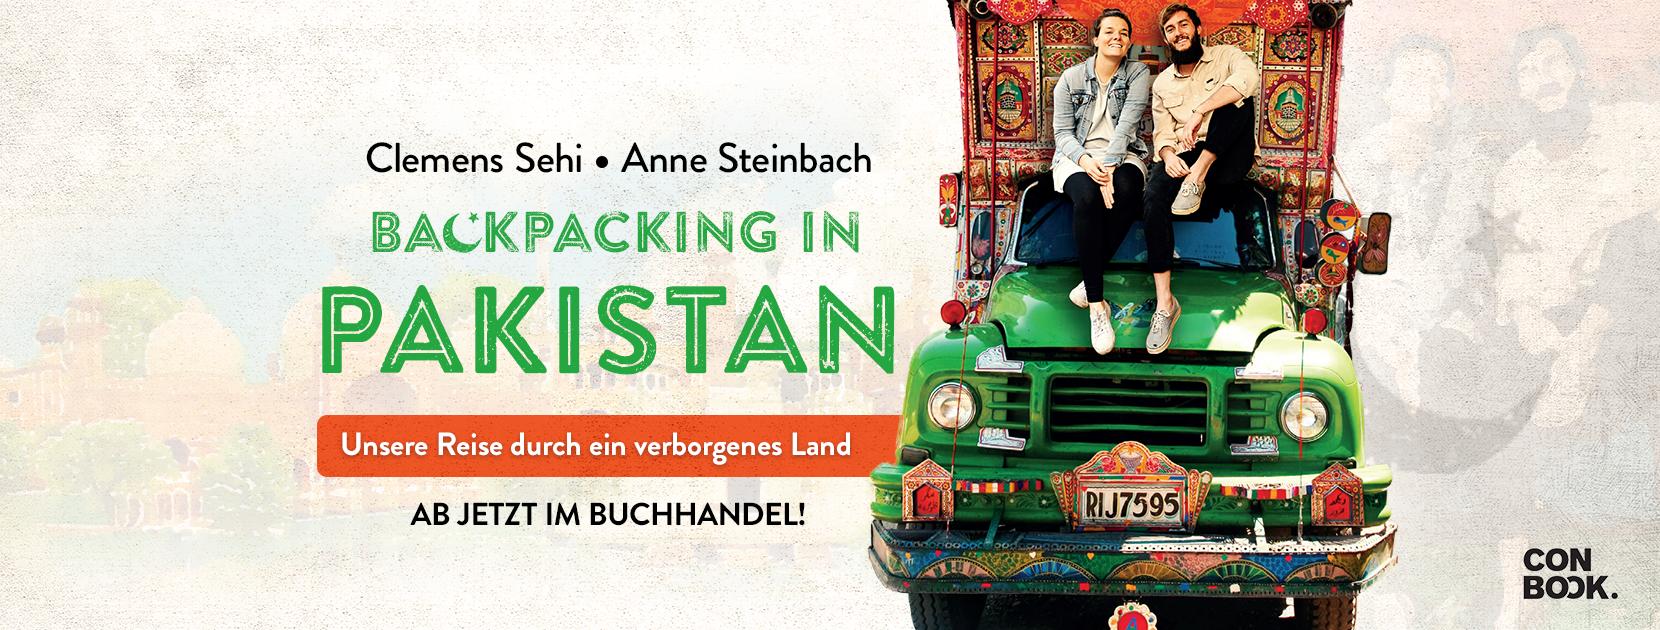 Backpacking in Pakistan - unser eigenes Buch